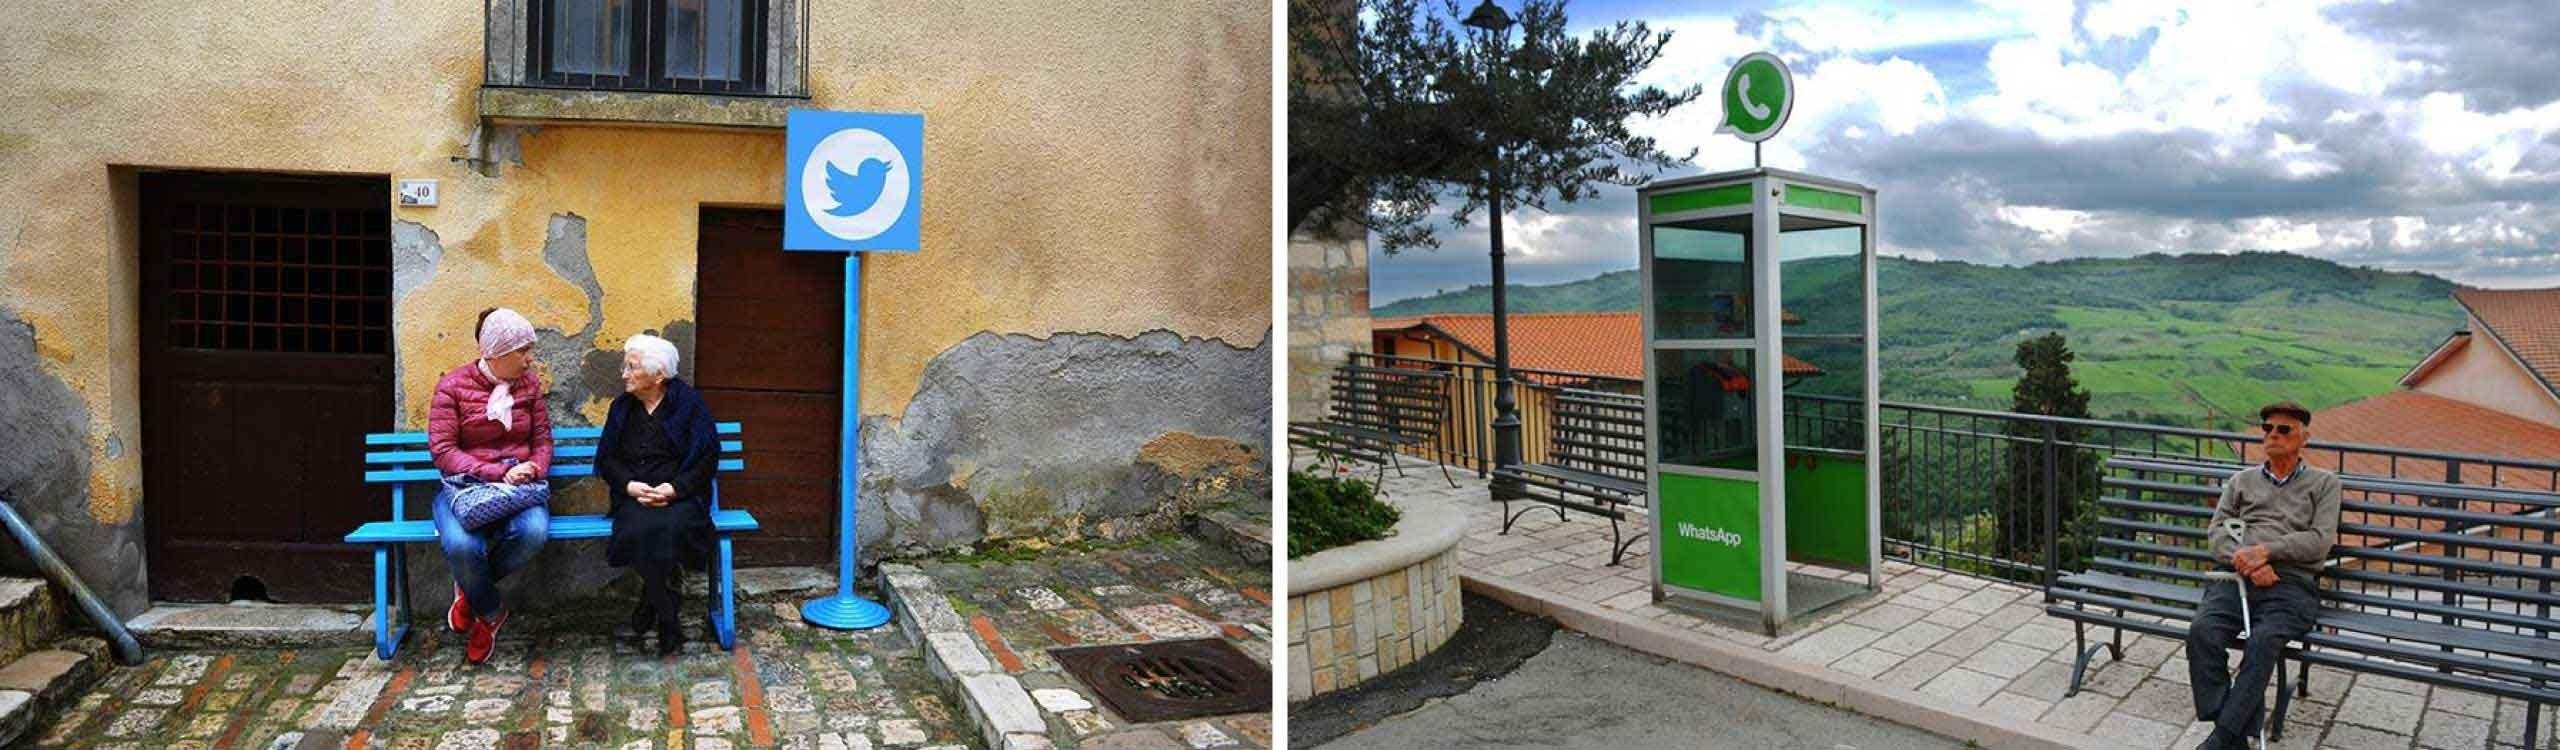 web 0.0. en este pueblo italiano han llevado internet a la vida real